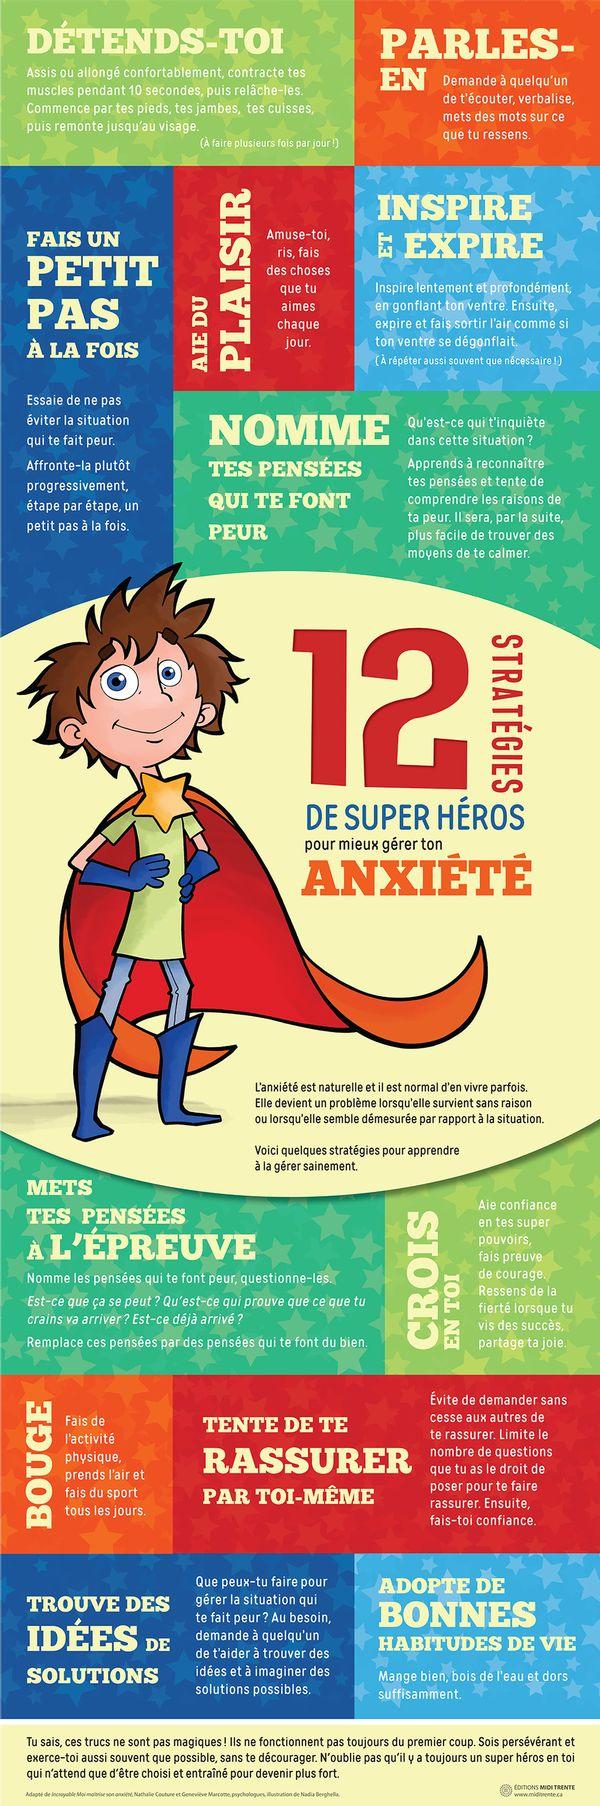 12 stratégies de super héros pour mieux gérer ton anxiété